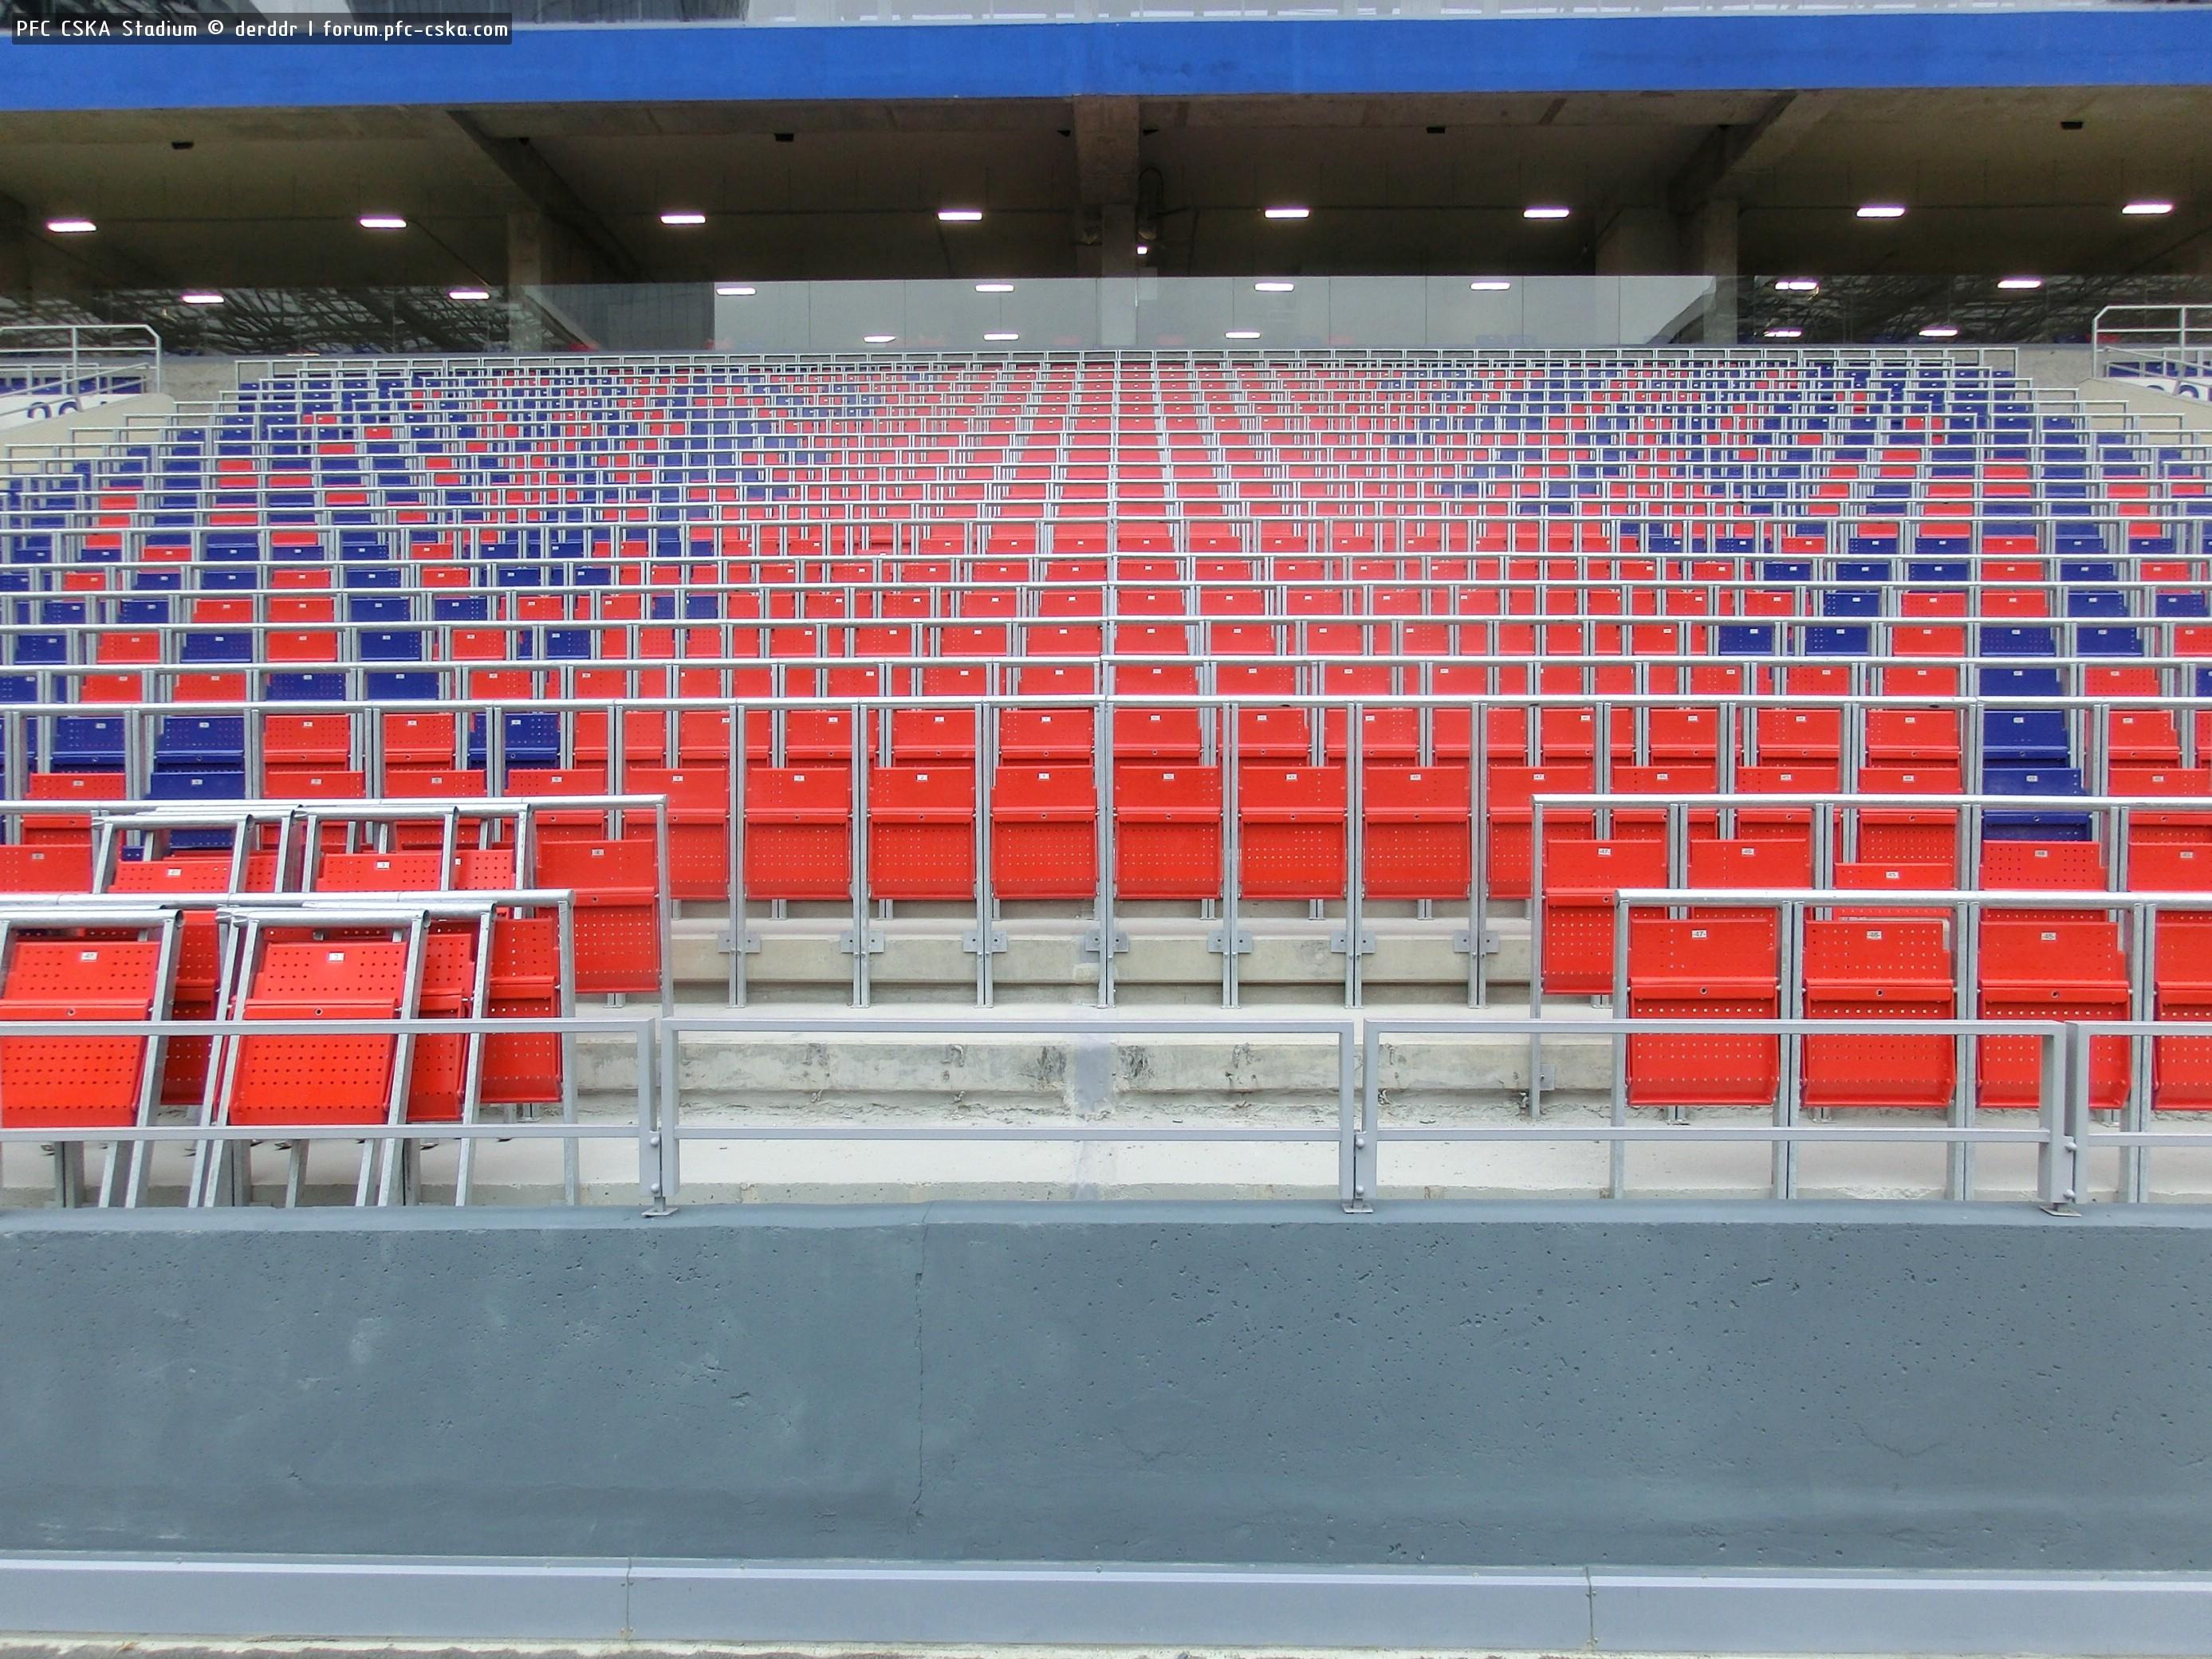 съемка скайбокс на стадионе цска фото заселению